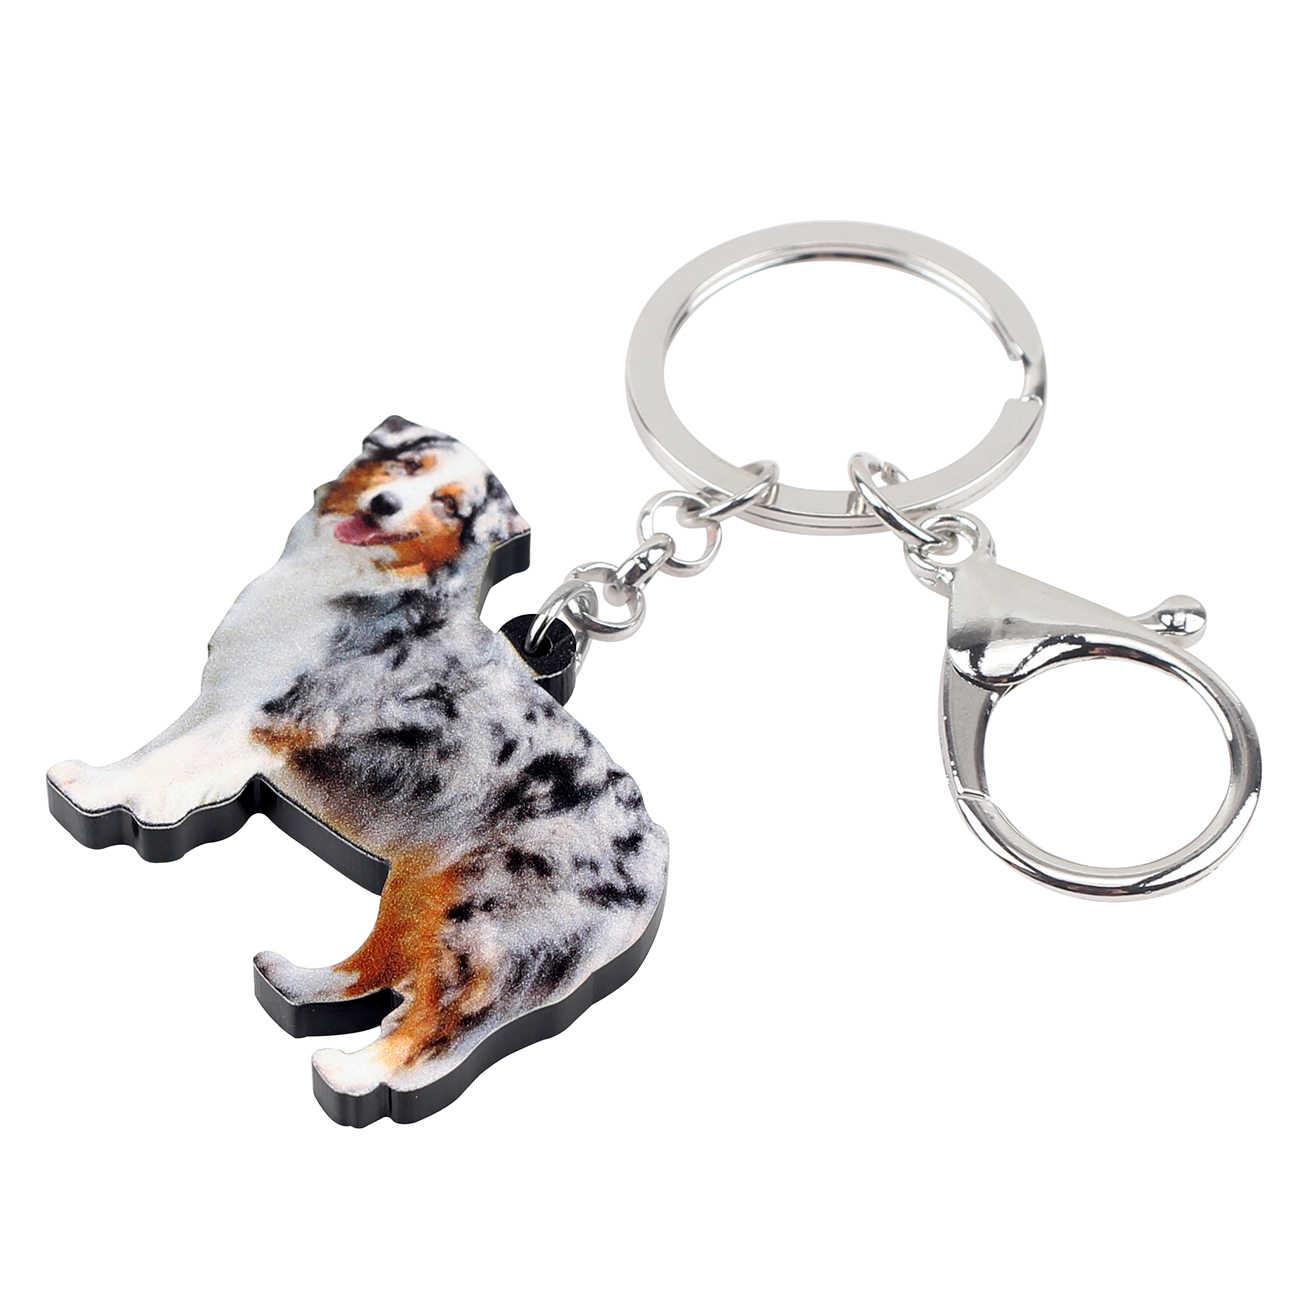 WEVENI Acrylic Úc Chó Chăn Cừu Dây Đeo Chìa Khóa Móc Khóa Chủ Động Vật Trang Sức Cho Phụ Nữ Cô Gái Túi Ví Xe Quyến Rũ Mặt Dây Chuyền